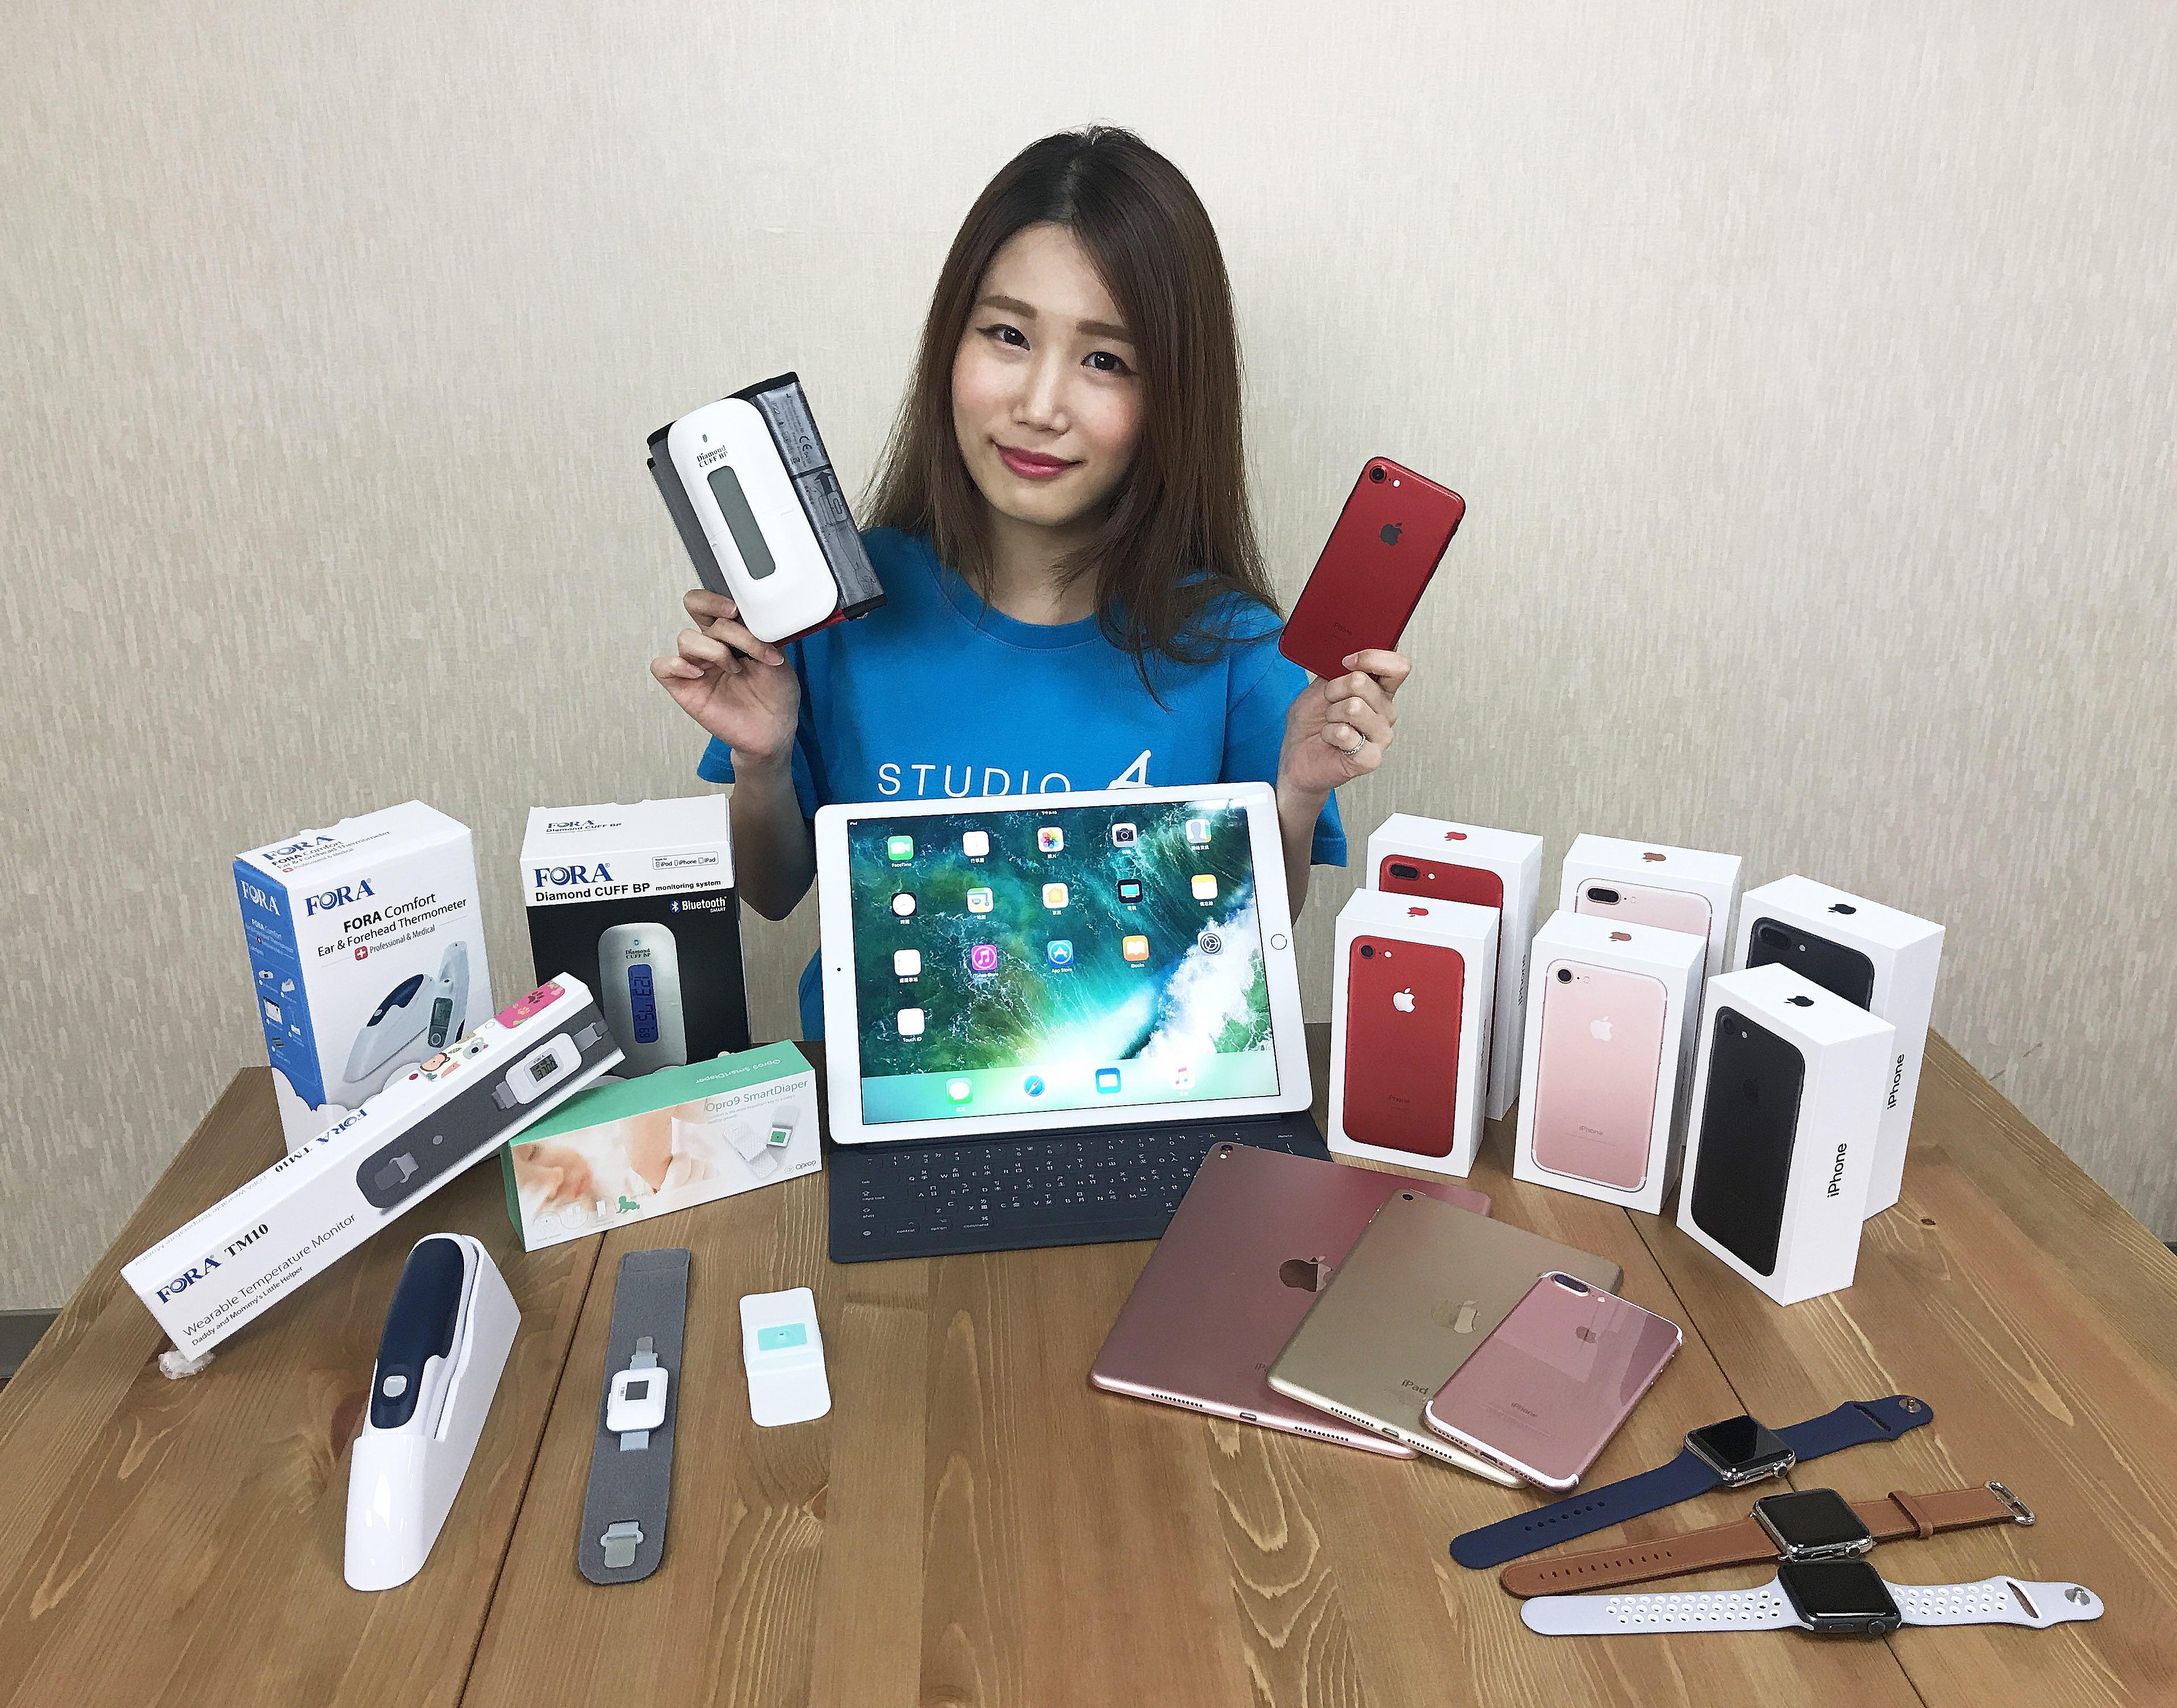 STUDIO A歡慶母親節 首推全台唯一Apple Watch安心意外保 買iPhone/iPad送智能血壓機